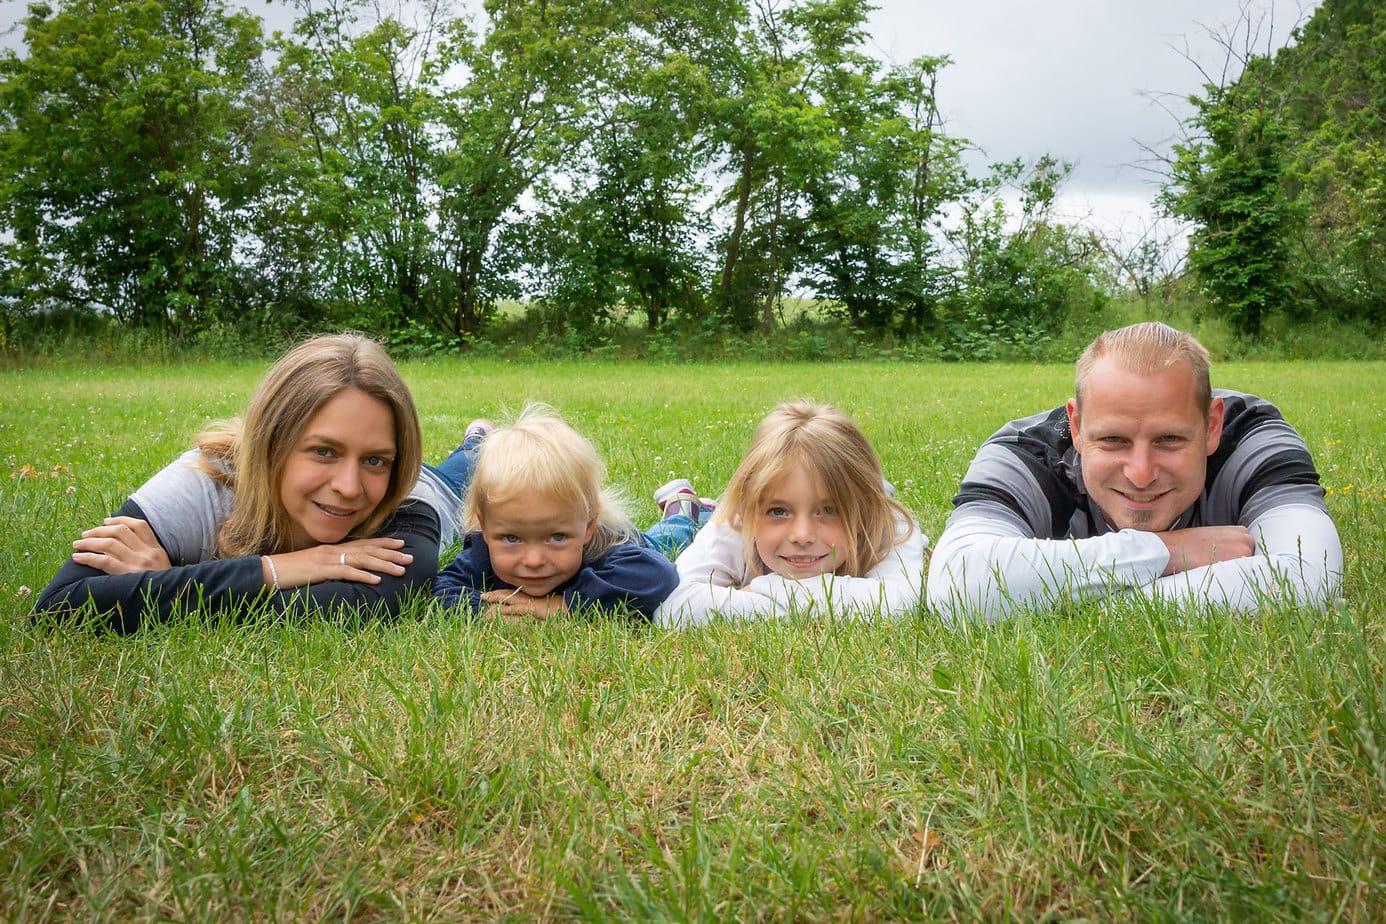 Familienfoto vom Spielplatzshooting